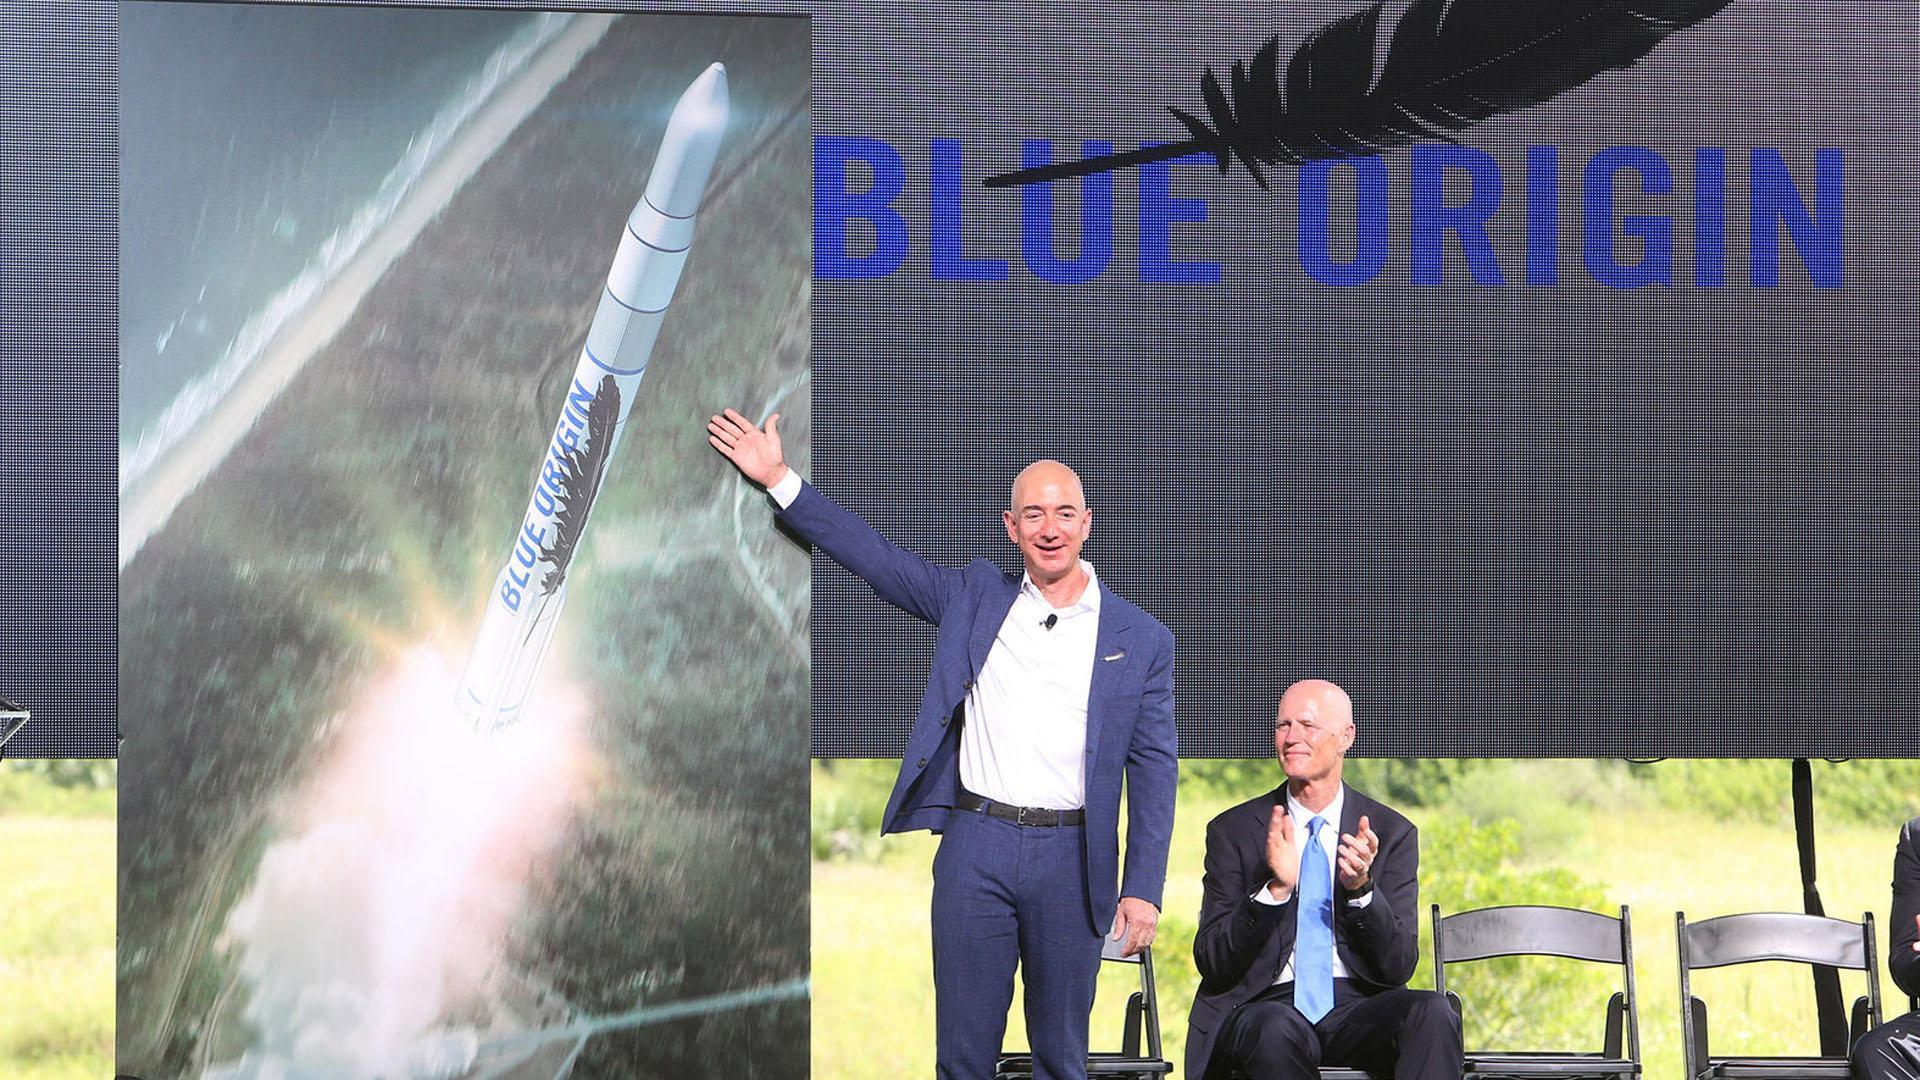 Bezos quiere que su compañía Blue Origin sea una líder en viajes espaciales comerciales y turísticos